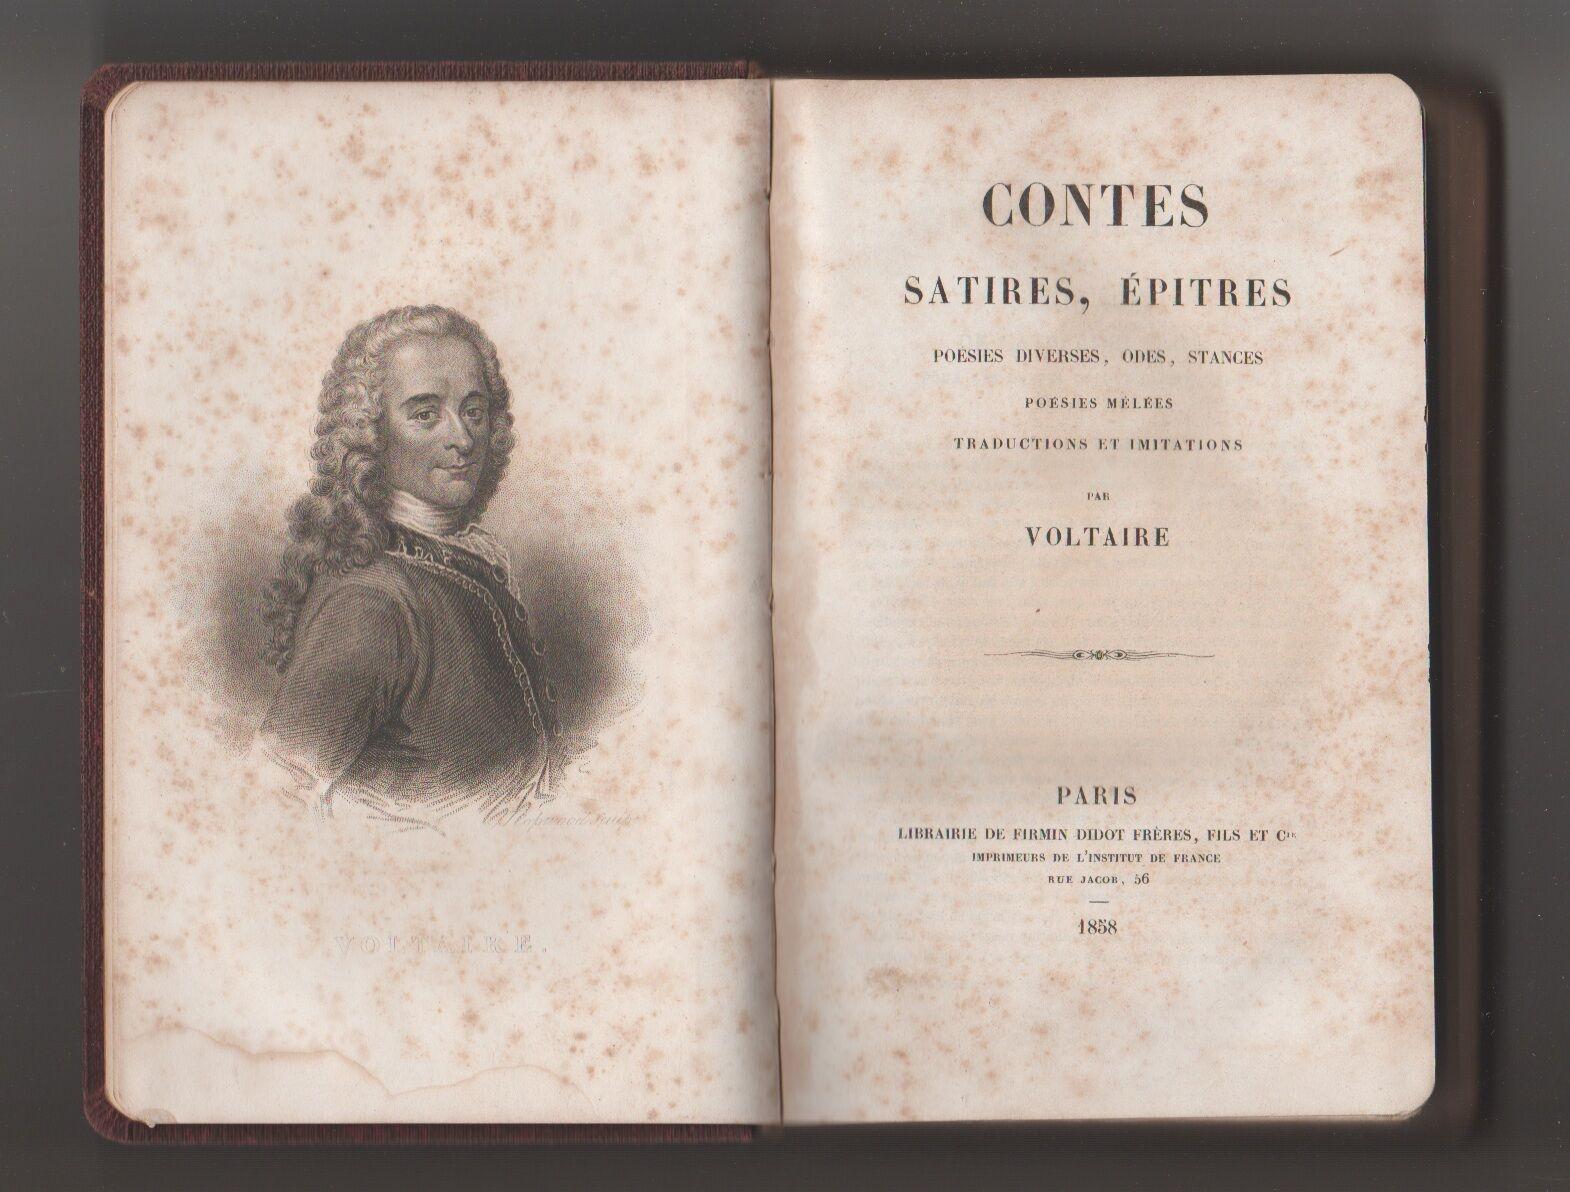 Contes, satires, epitres